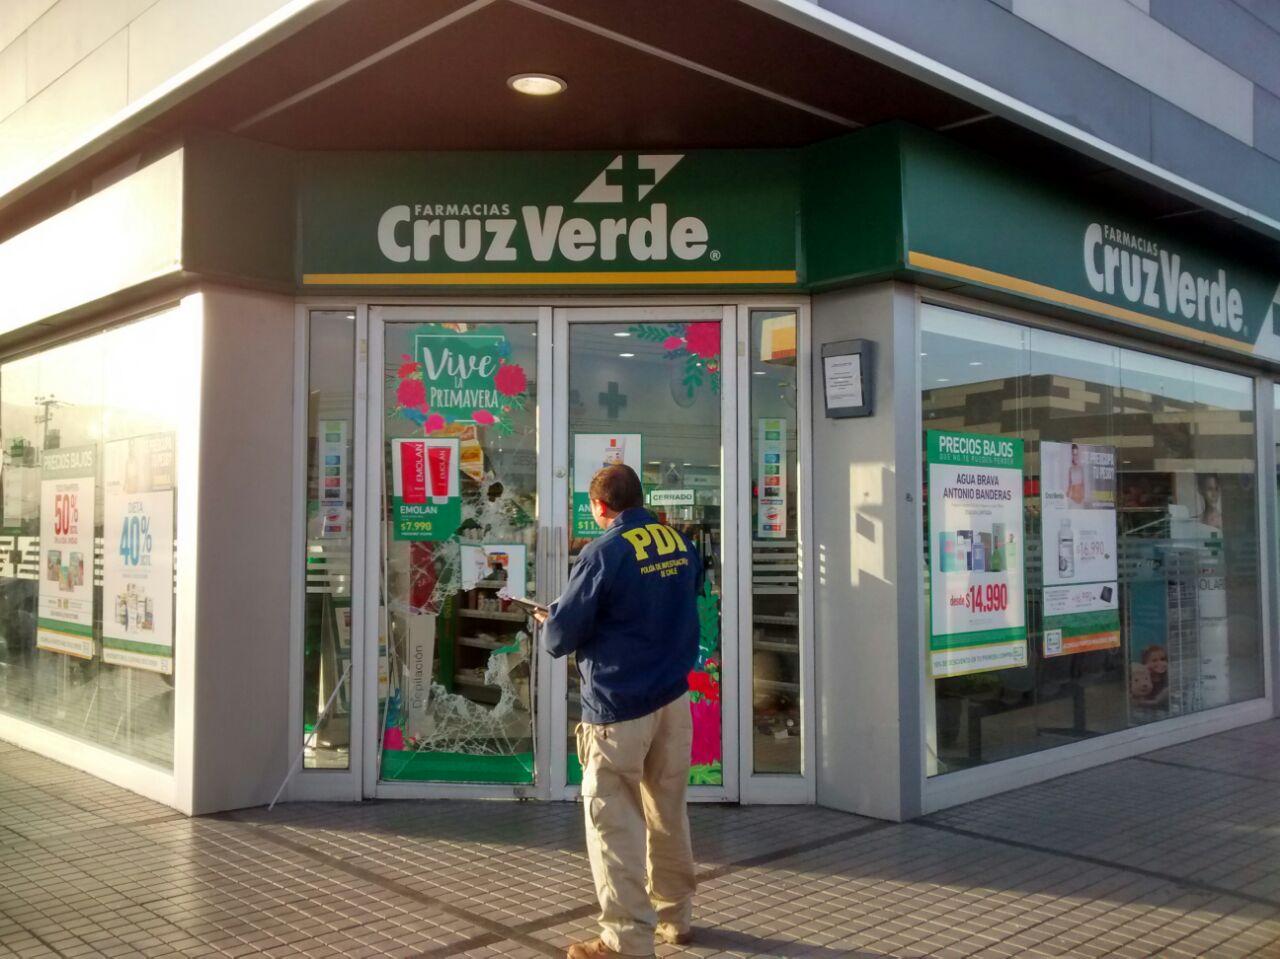 Banda roba en Farmacia Cruz Verde y tabaquería de El